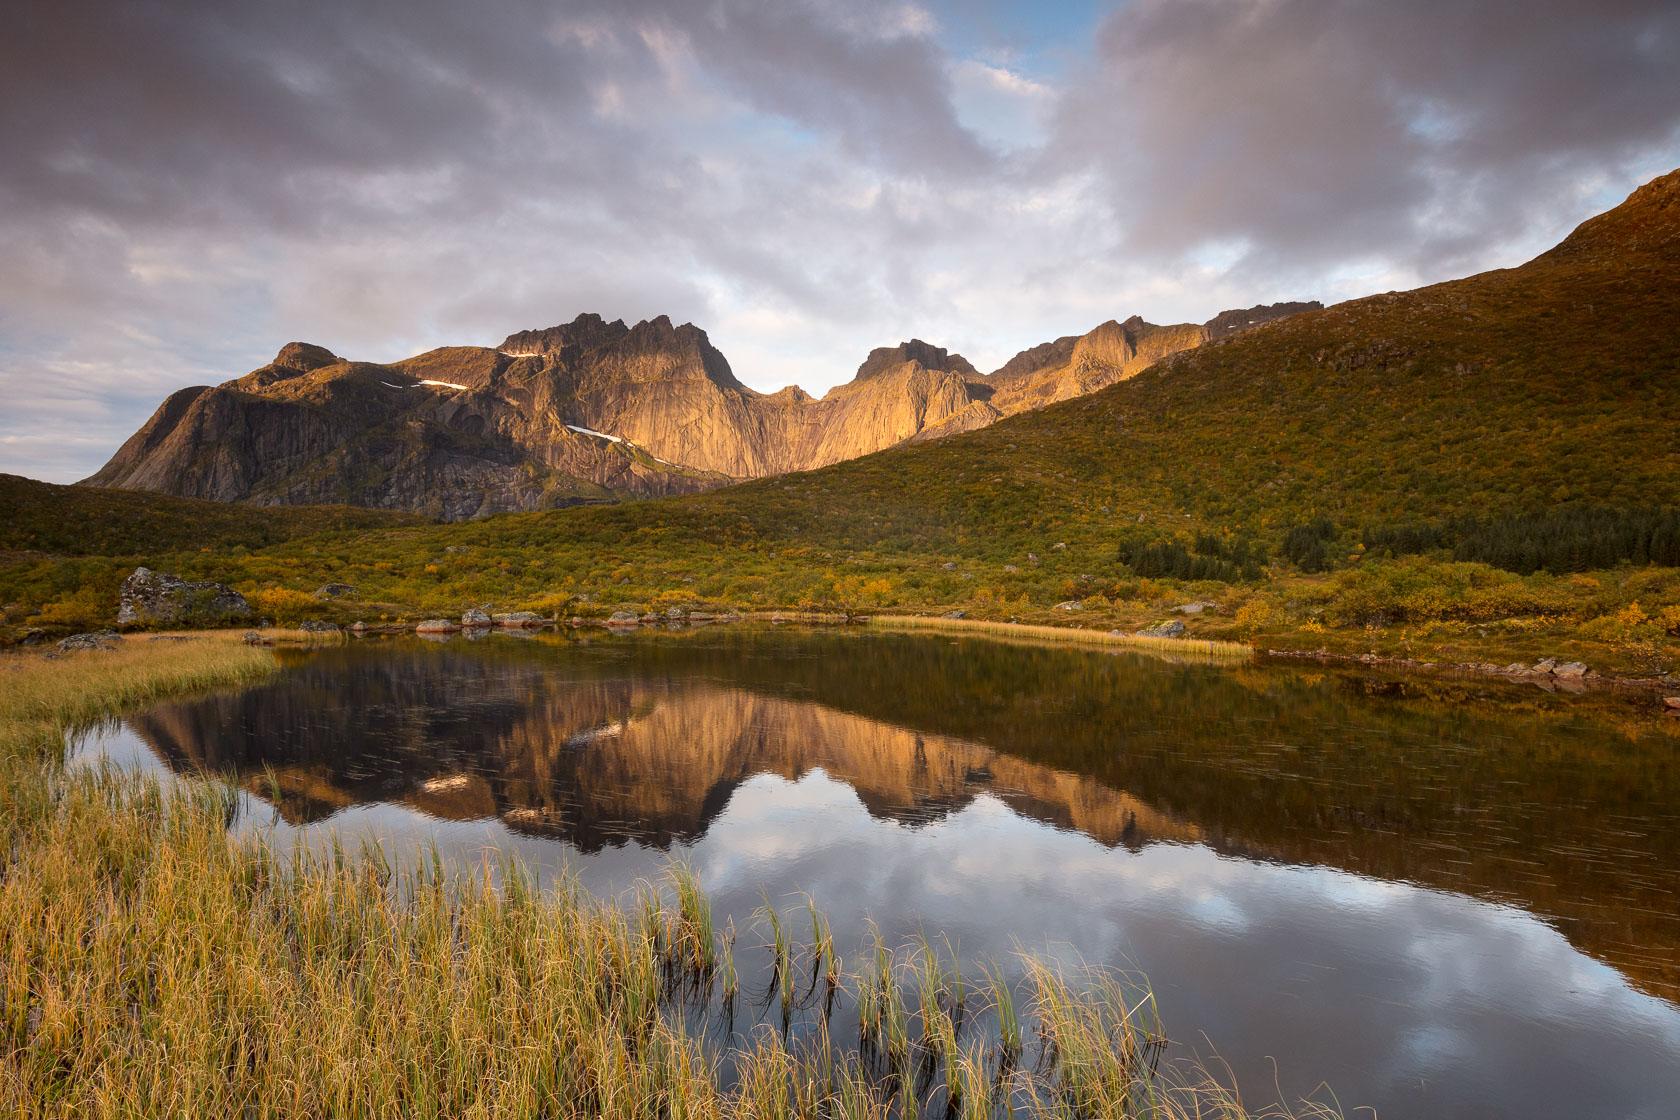 lac dans une tourbière sur l'île de Flakstad, près de Nusfjord, dans les îles Lofoten